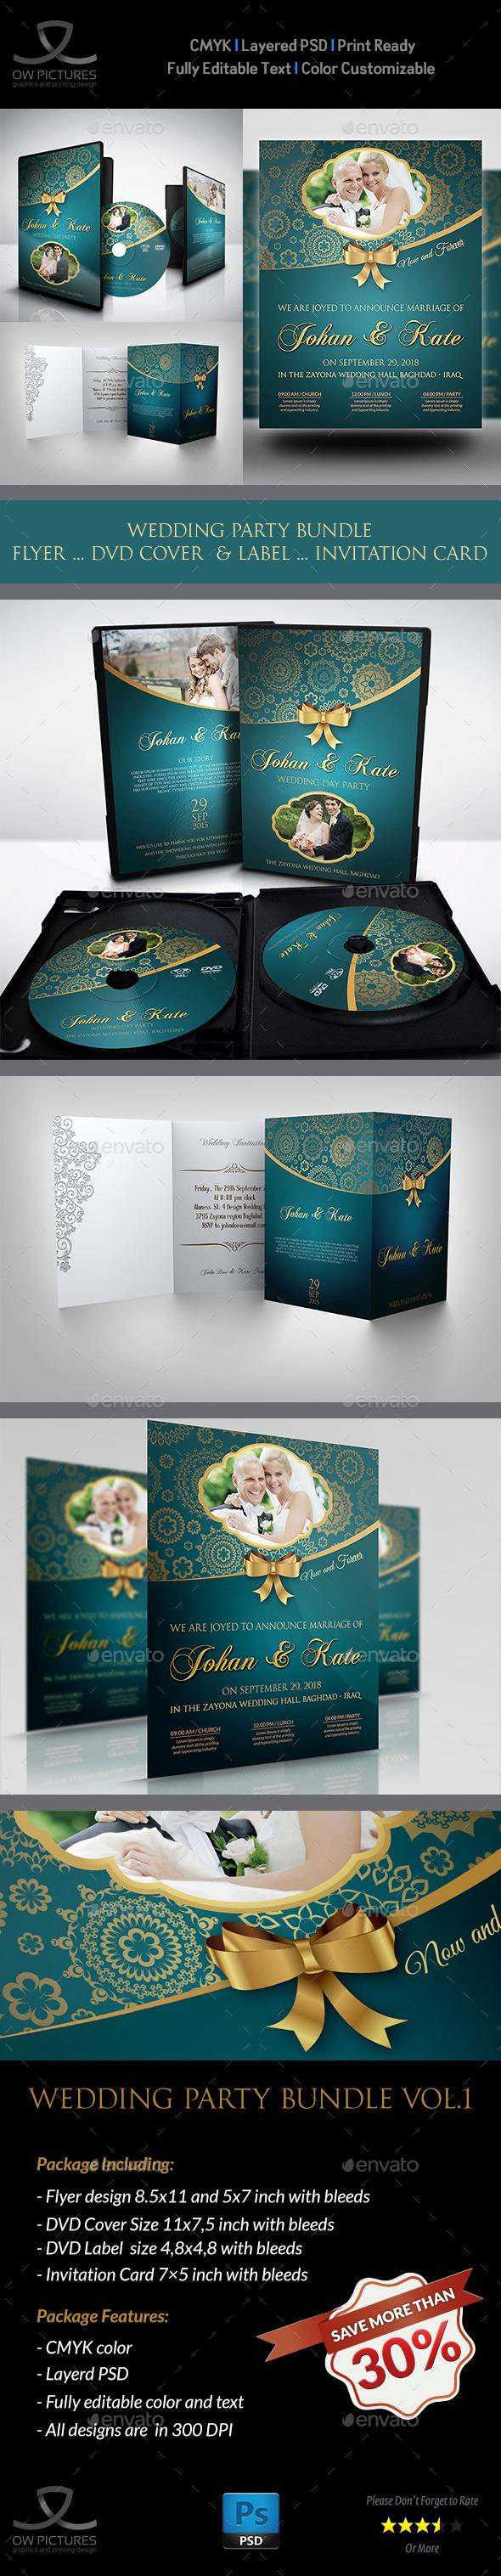 GraphicRiver Wedding Party Bundle Vol.1 11389874